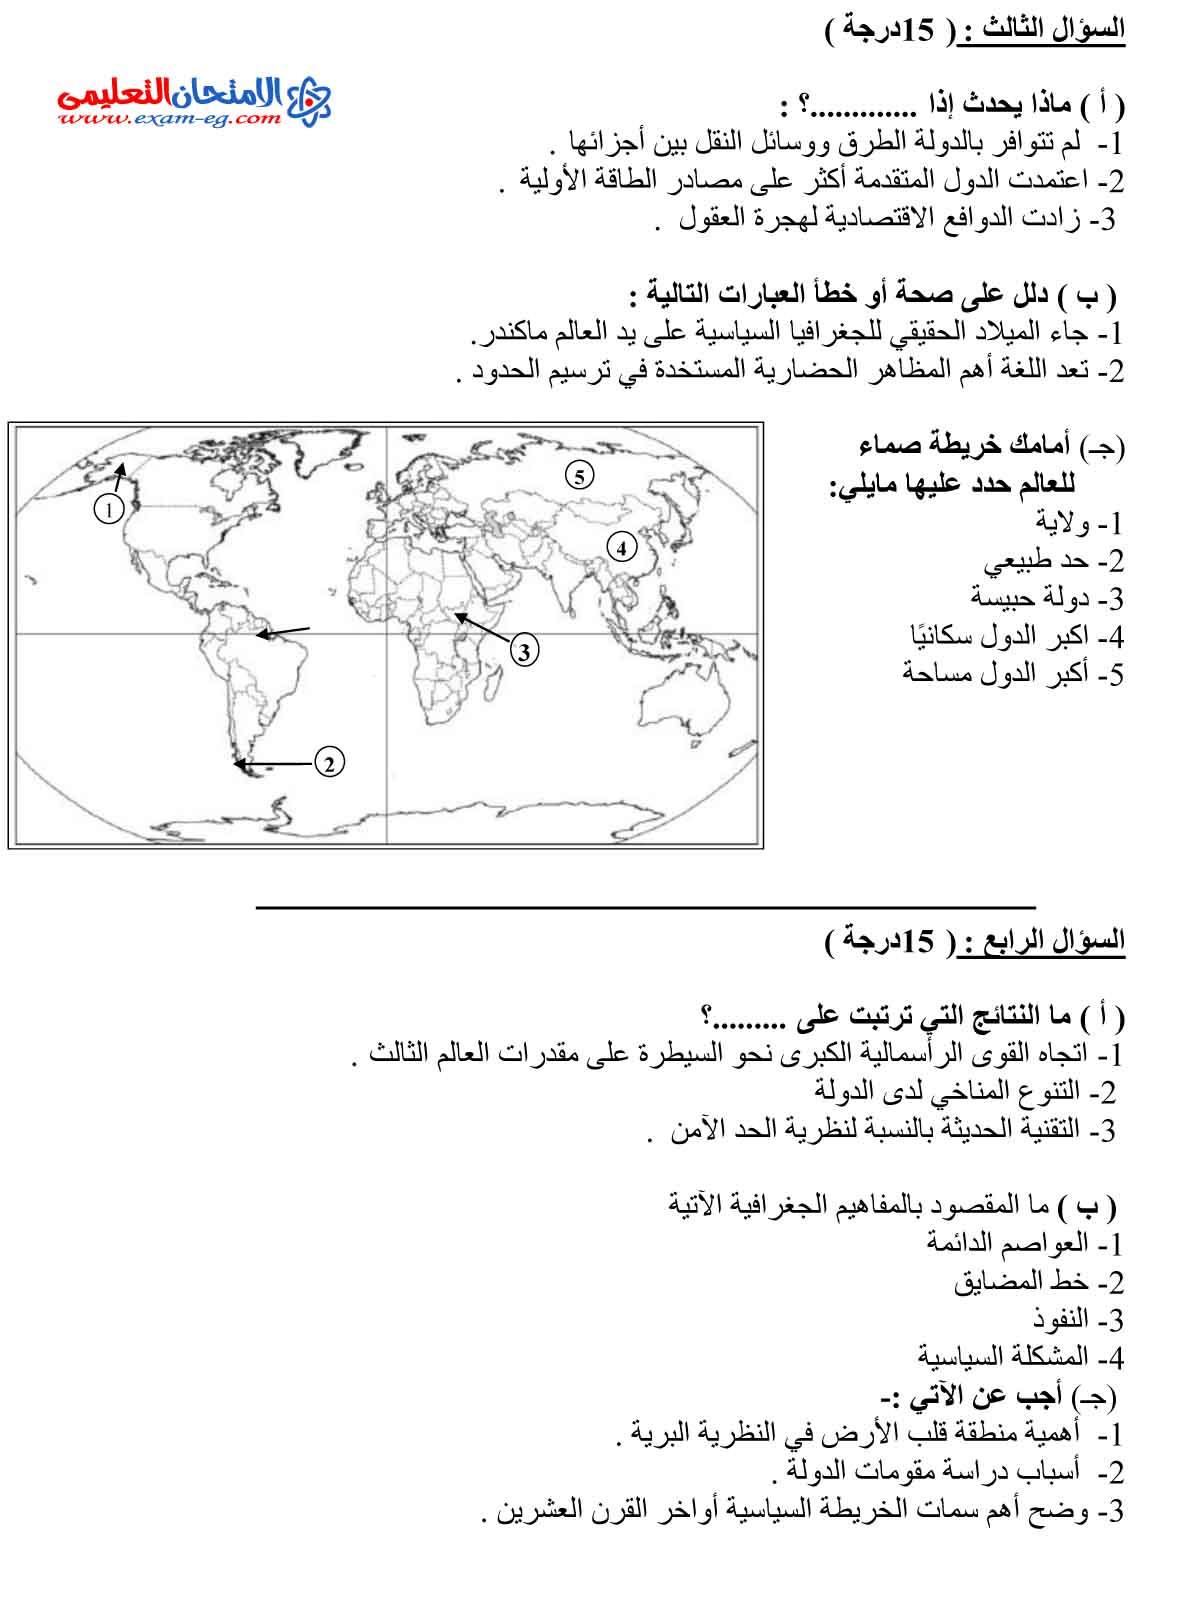 جغرافيا 1 - مدرسة اون لاين-3